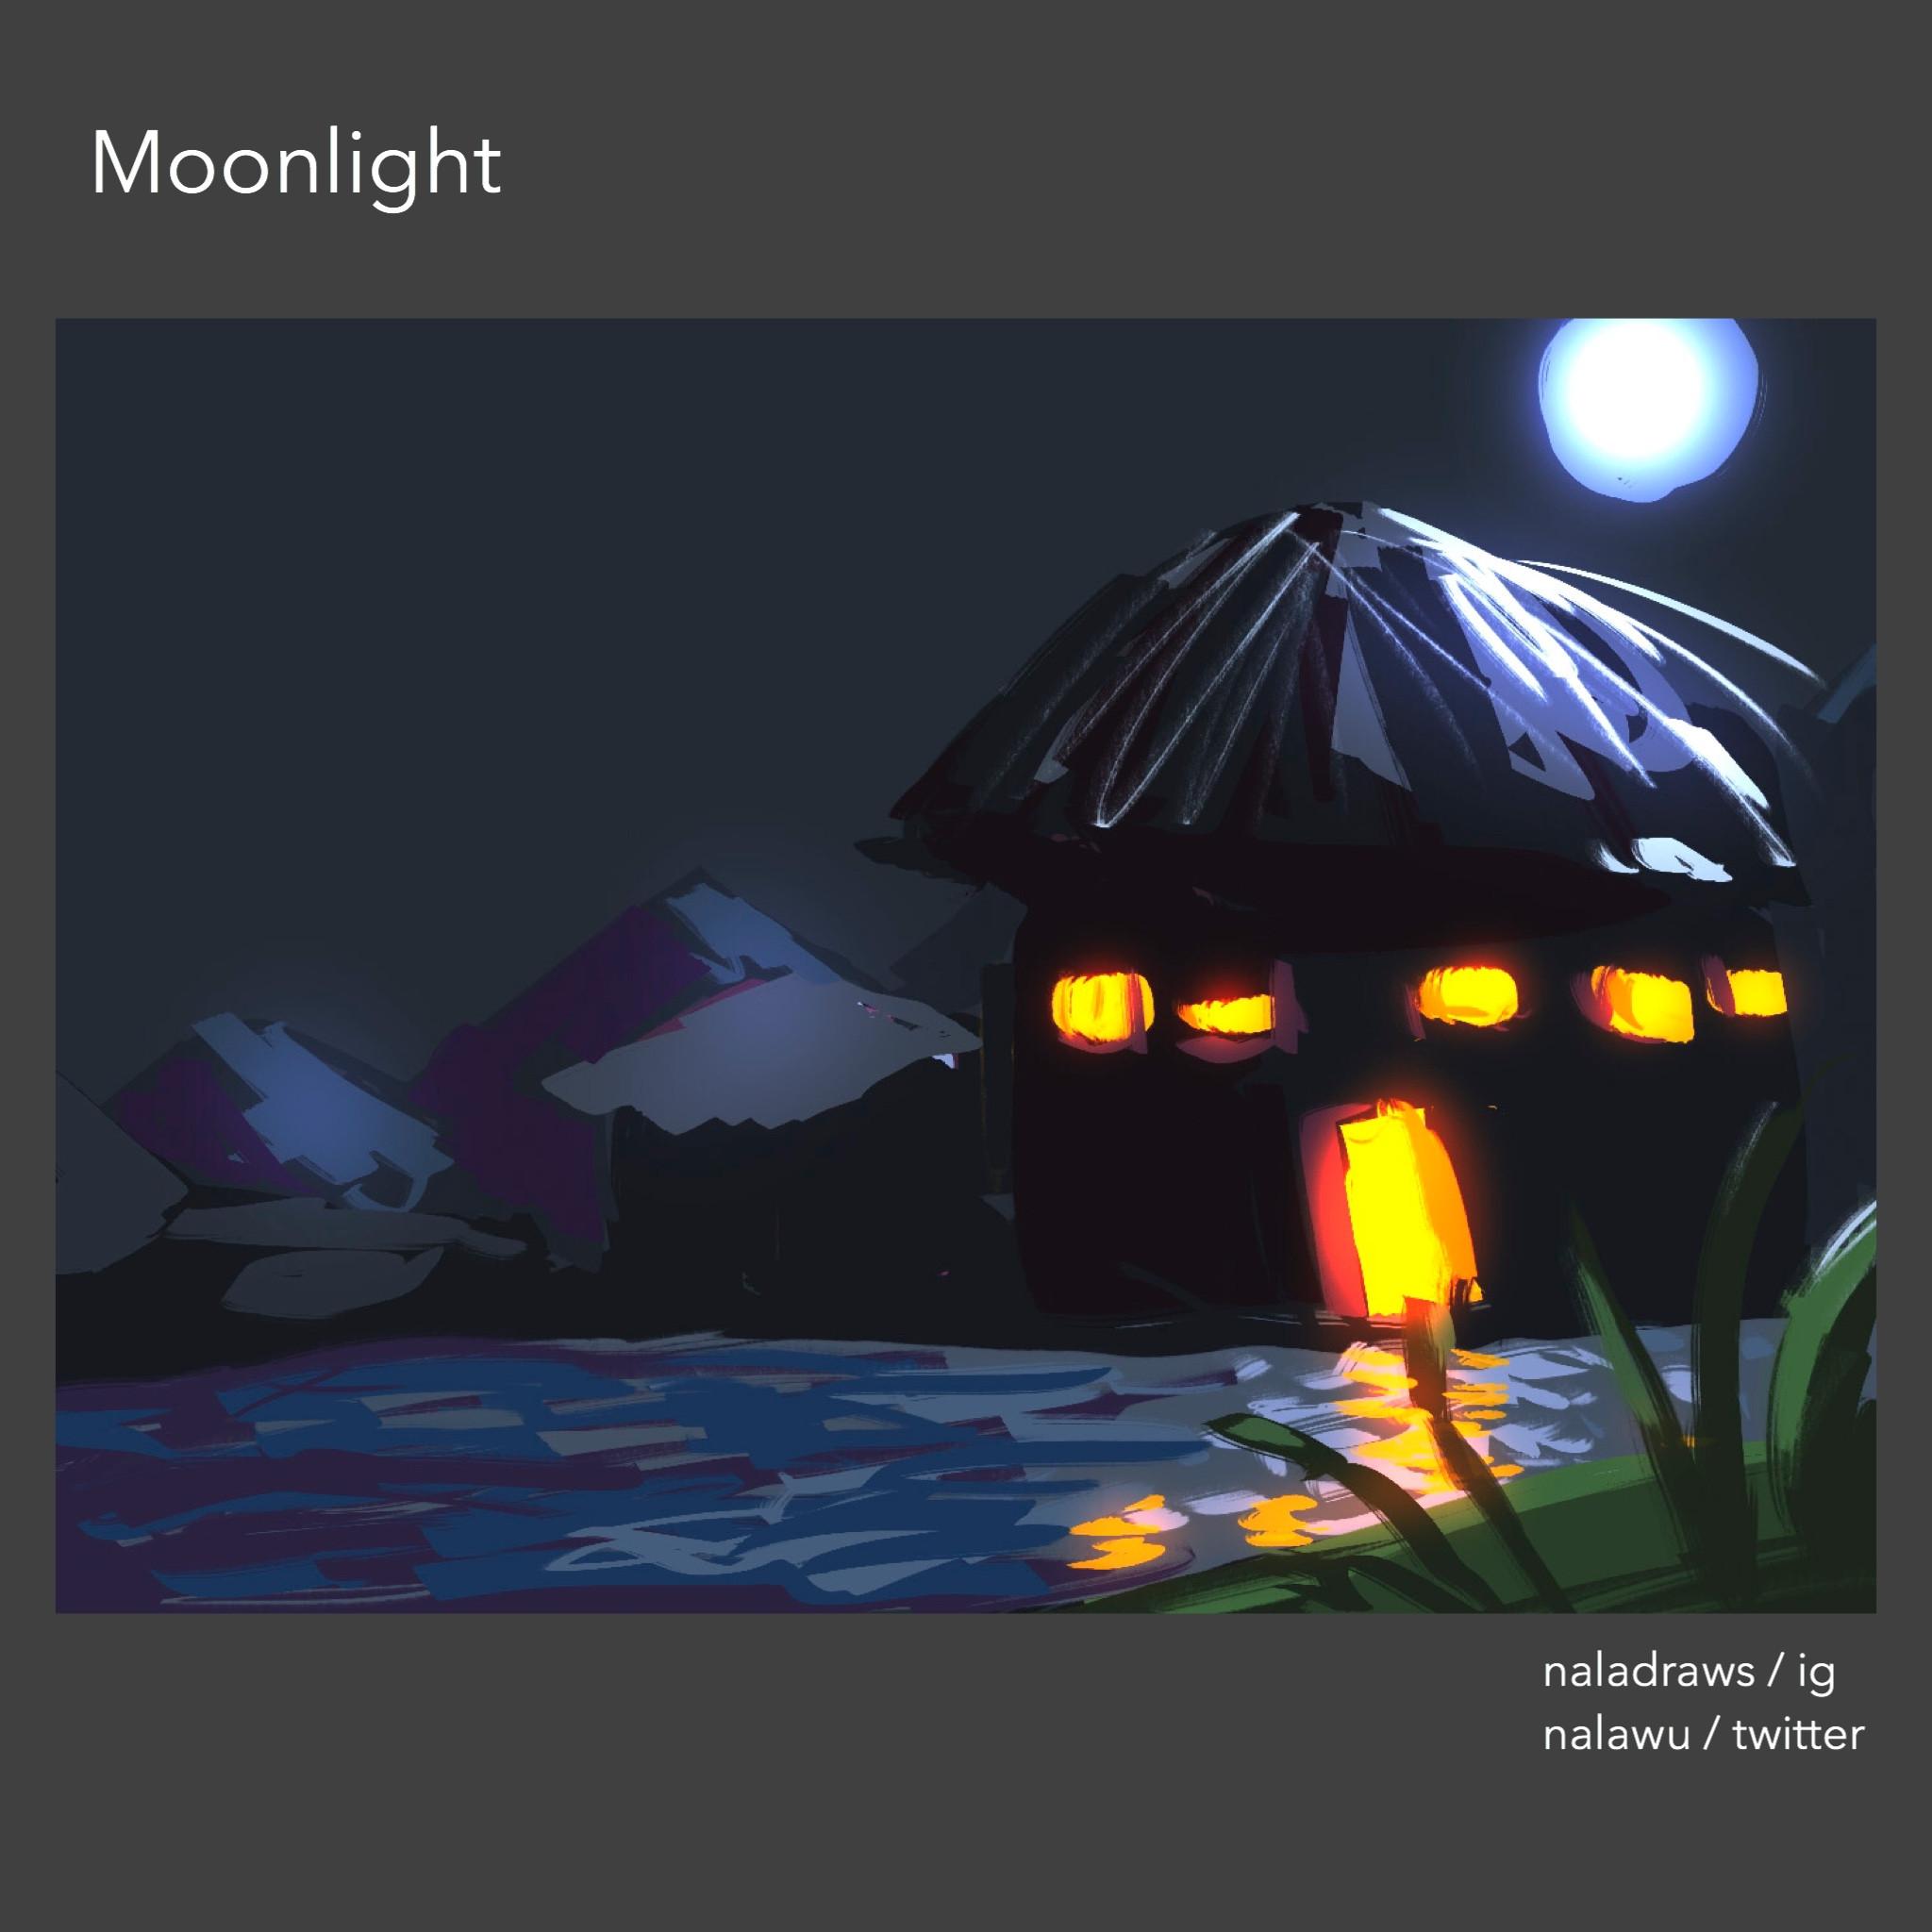 Exterior - Moonlight